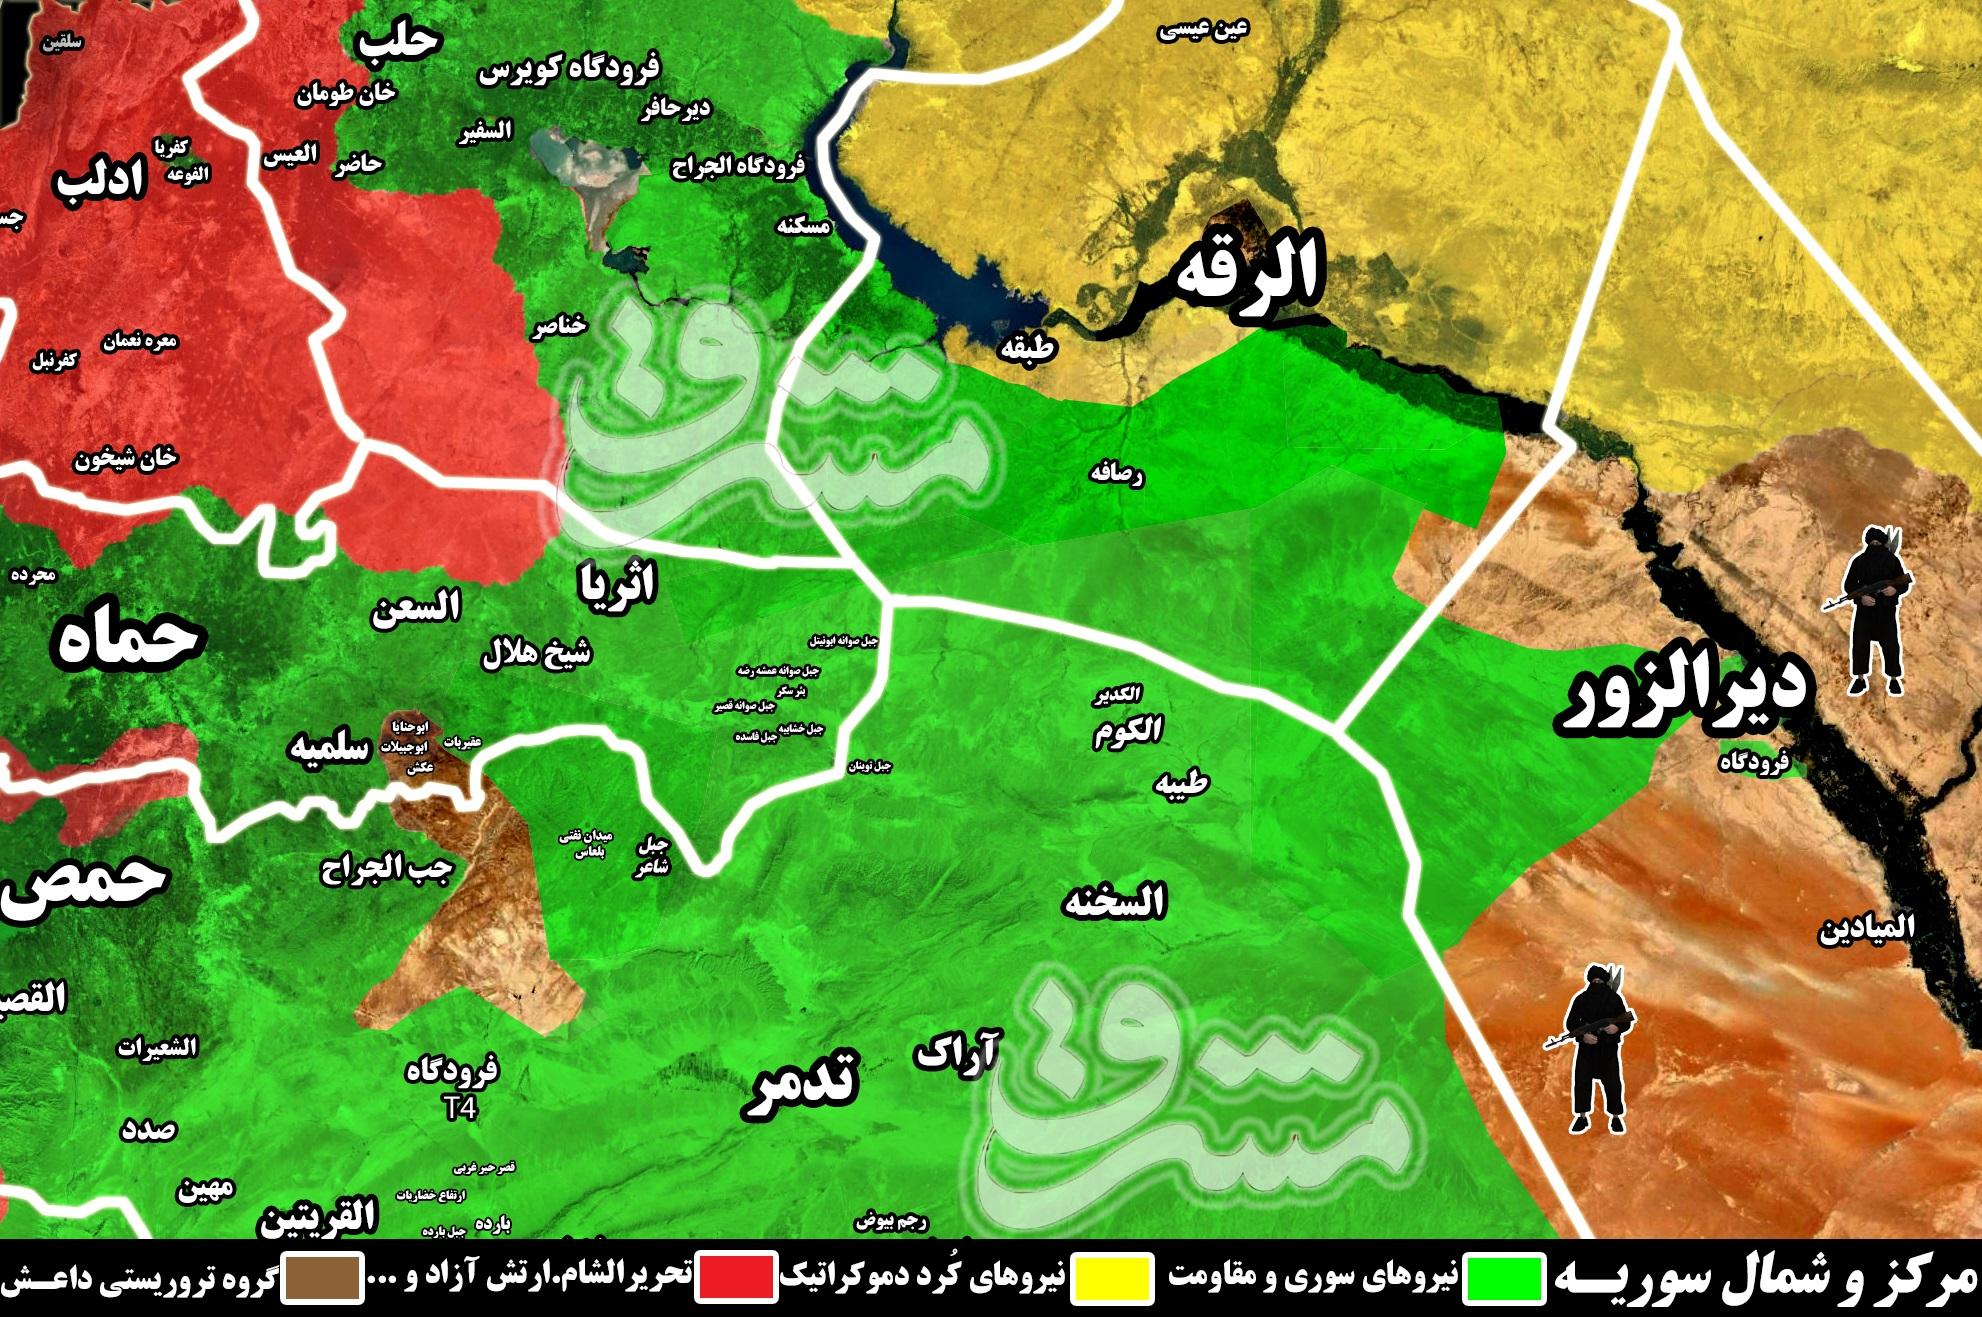 طوفان نیروهای متحد در شرق حماه و شمال حمص